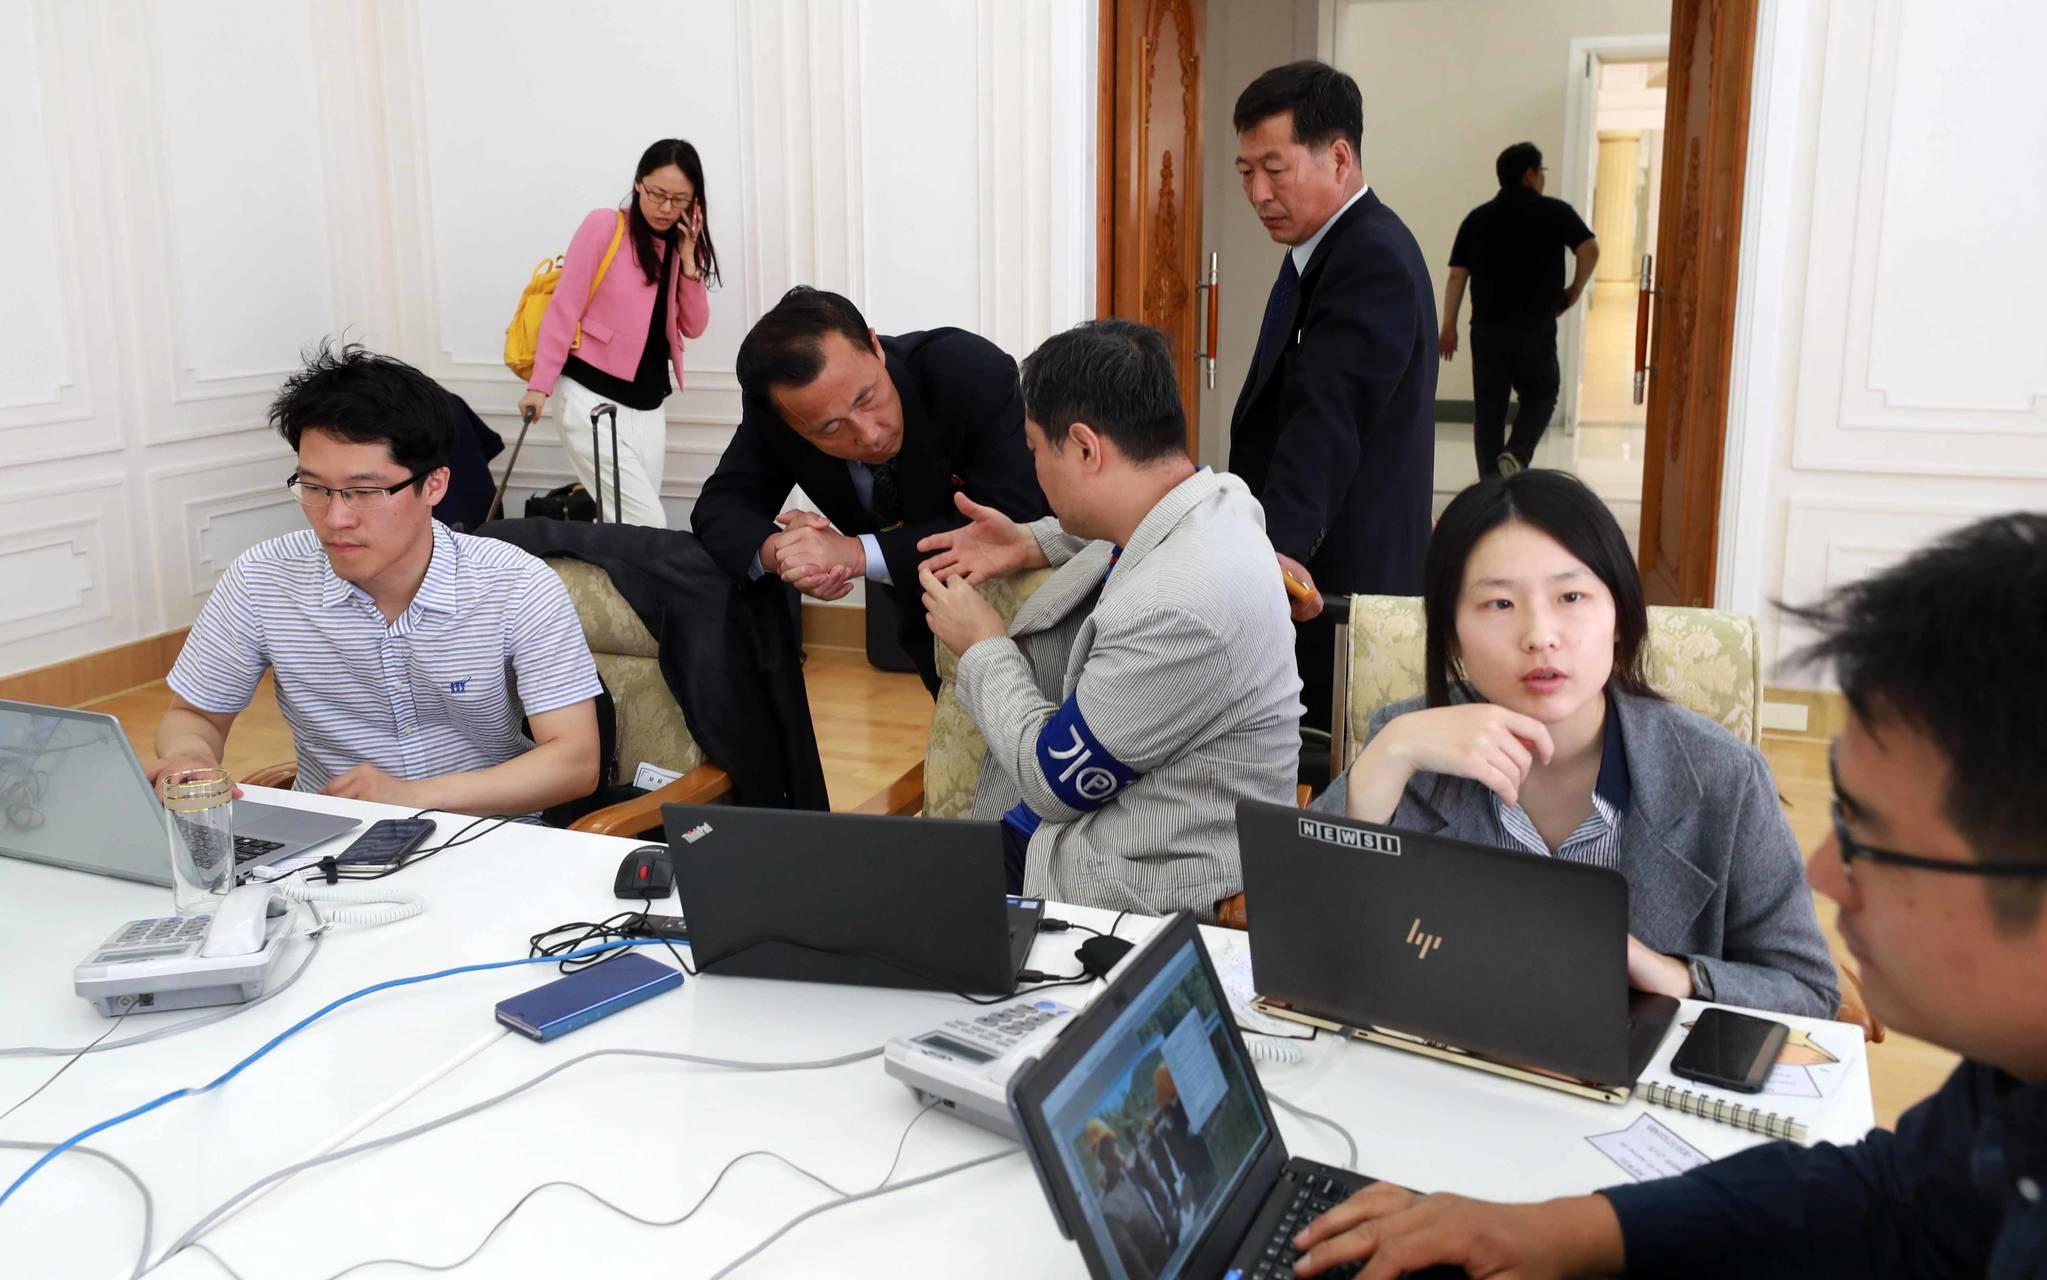 북한 강원도 원산시 갈마호텔 프레스센터에서 한국 취재진이 25일 북측 인사들과 이야기를 나누고 있다. 사진공동취재단